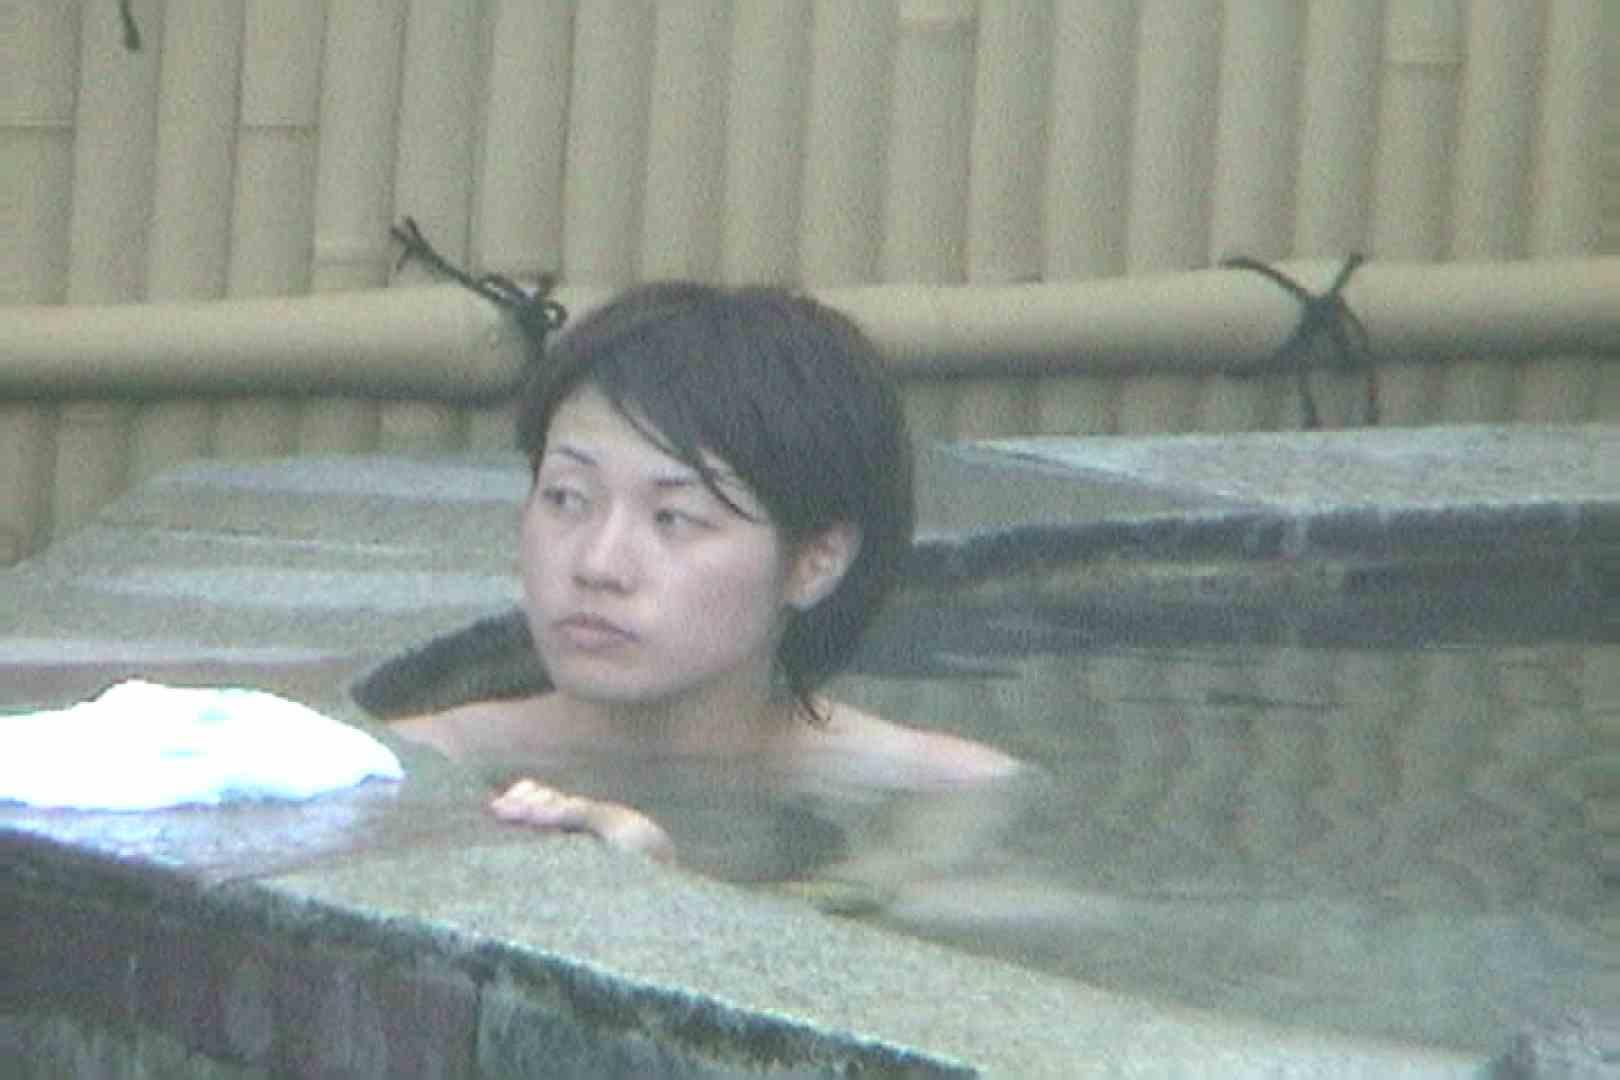 Aquaな露天風呂Vol.100【VIP限定】 盗撮   露天  98pic 46